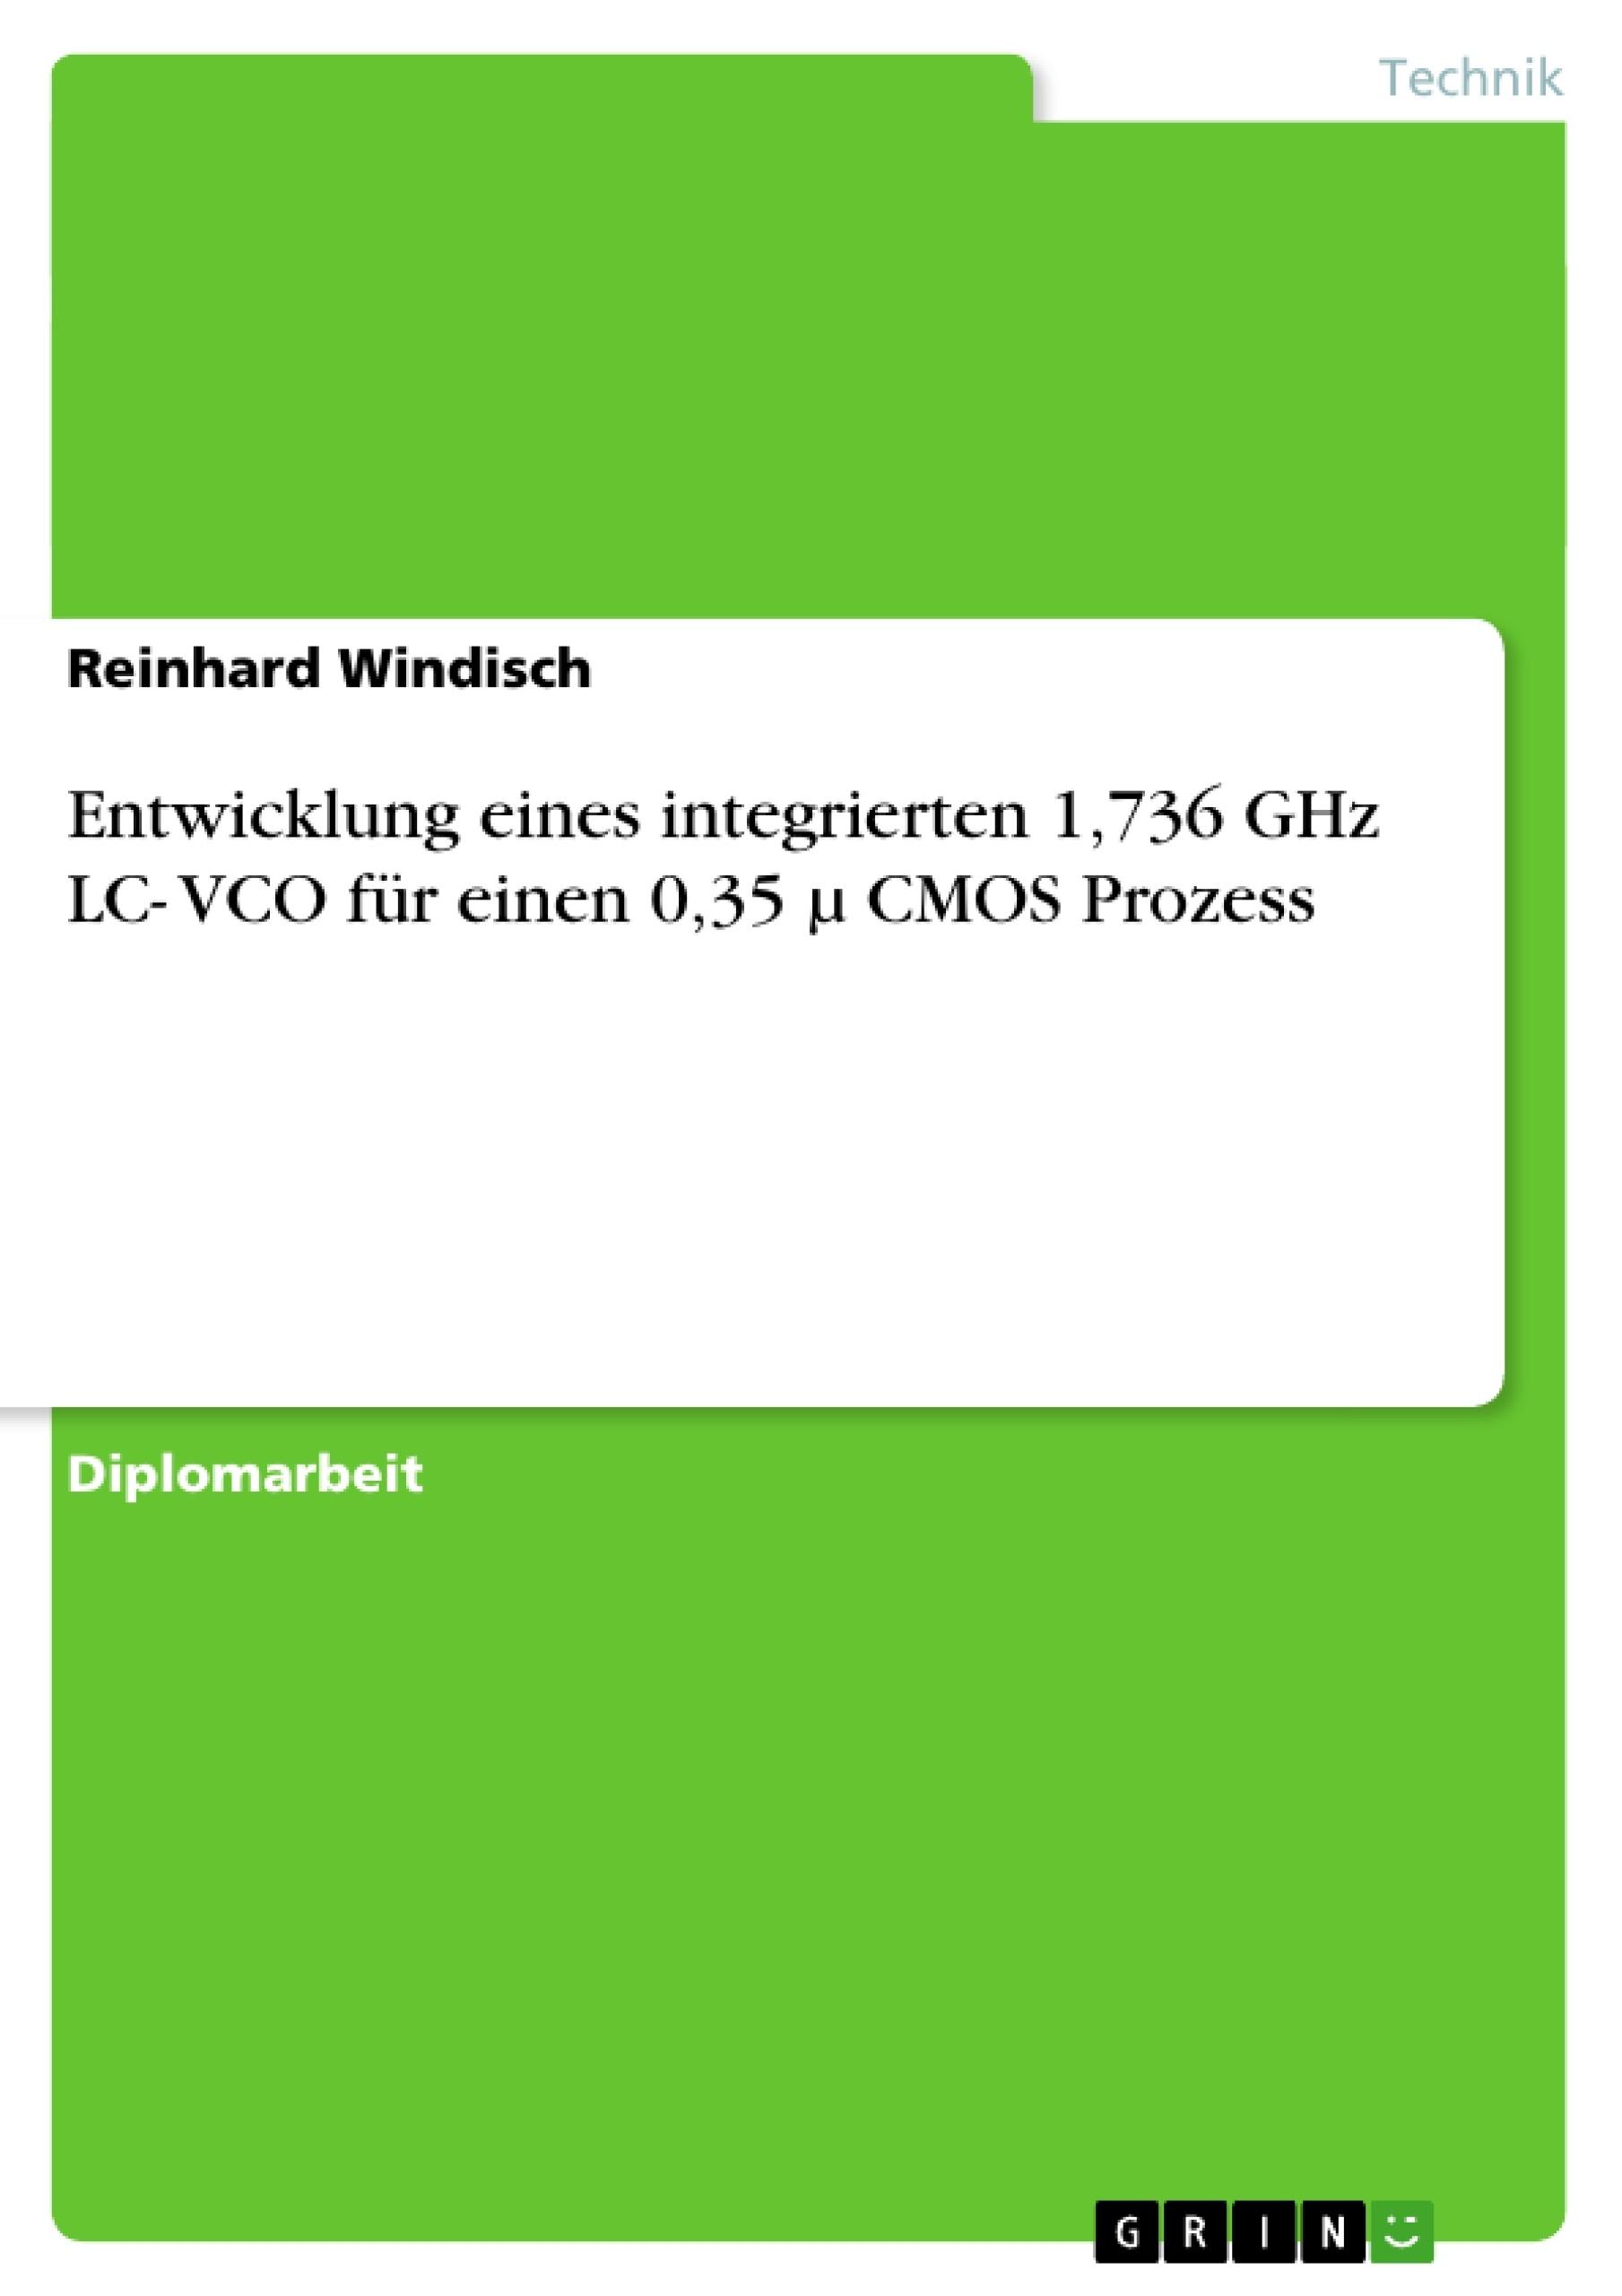 Titel: Entwicklung eines integrierten 1,736 GHz LC- VCO für einen 0,35 µ CMOS Prozess